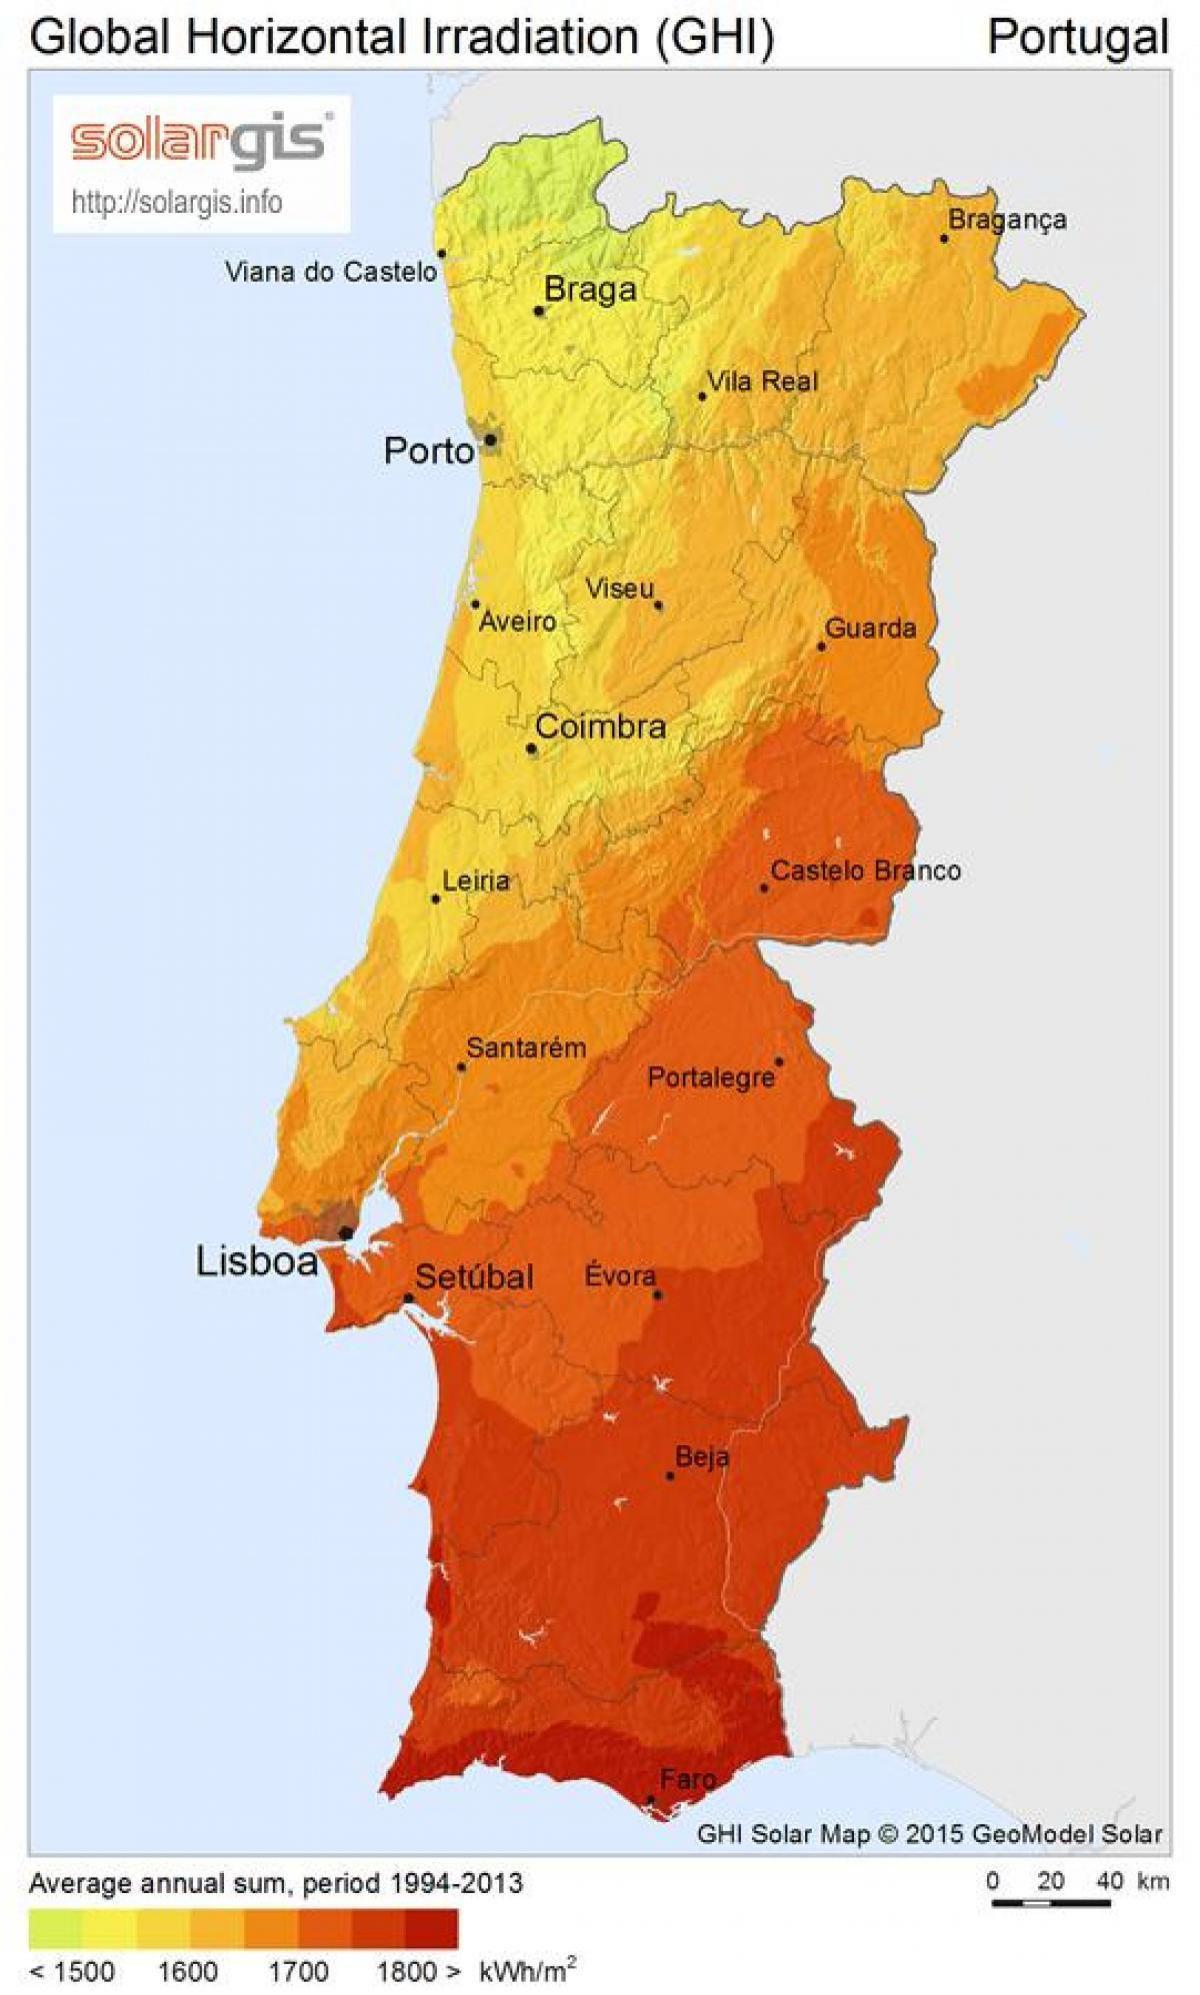 været i europa kart Portugal været kart   Været kart Portugal (Sør Europa   Europa) været i europa kart